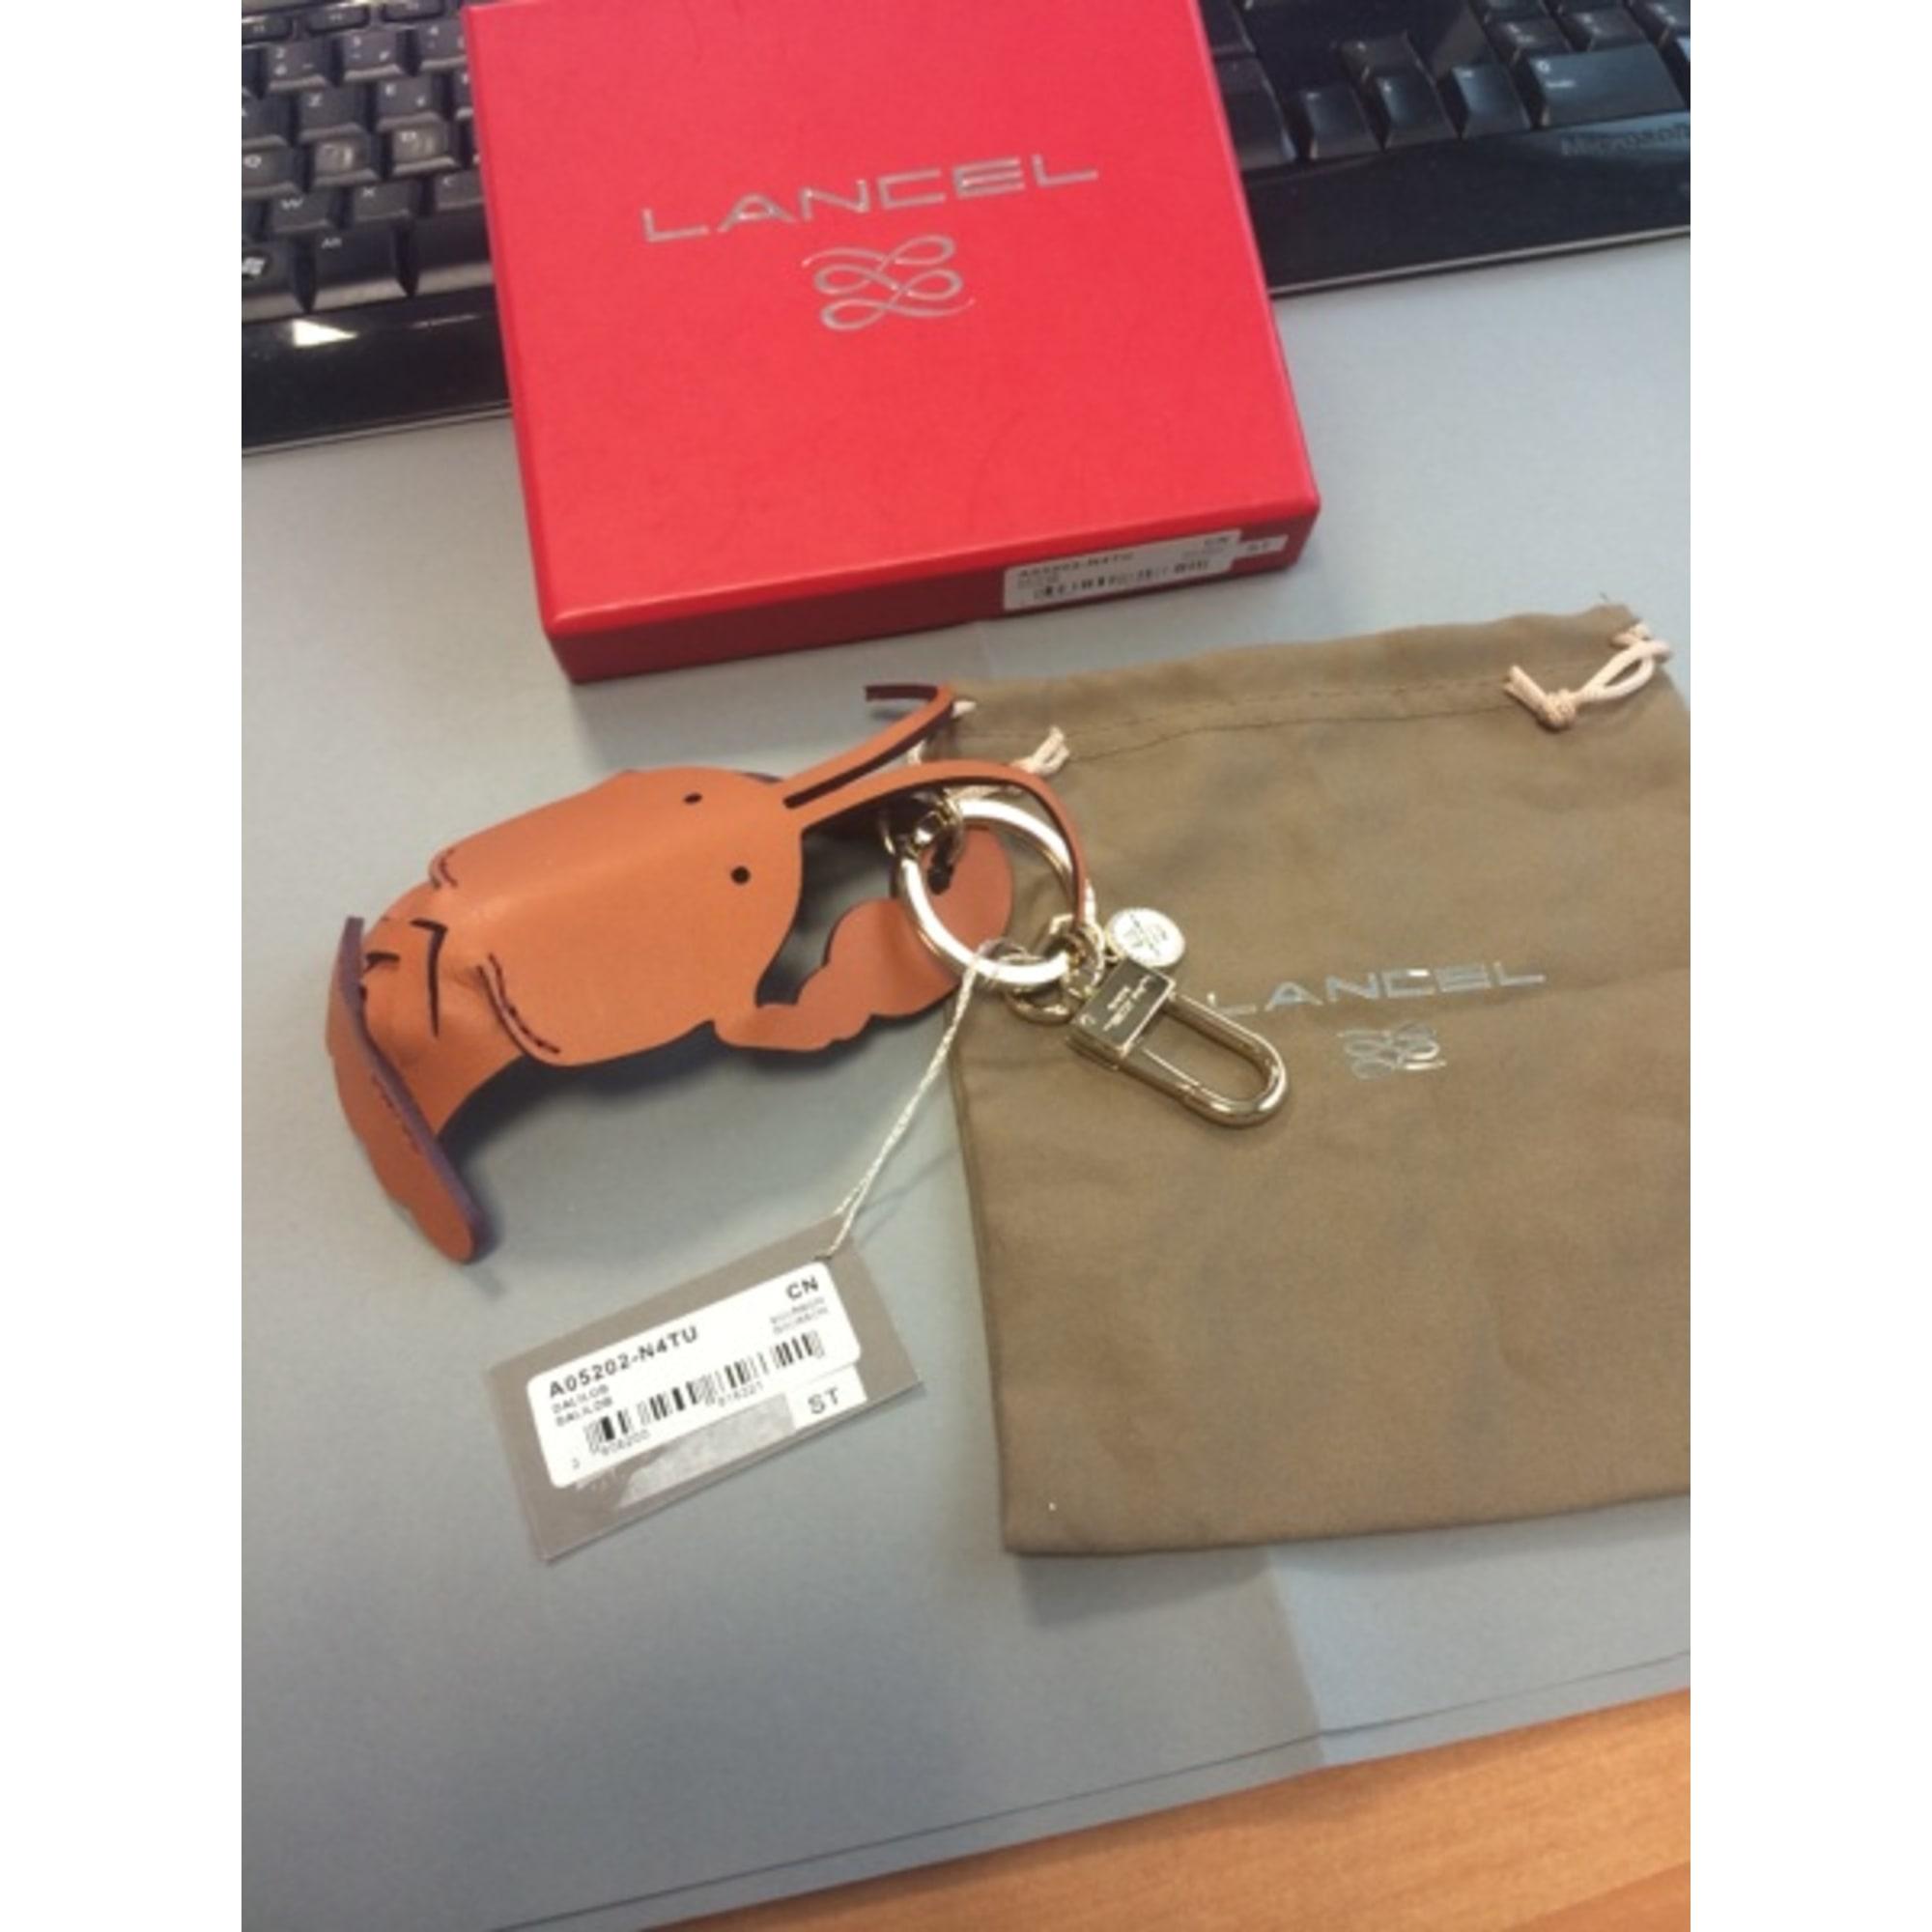 Porte-clés LANCEL beige vendu par Catycat 7154491 - 2603358 714c9241ea7